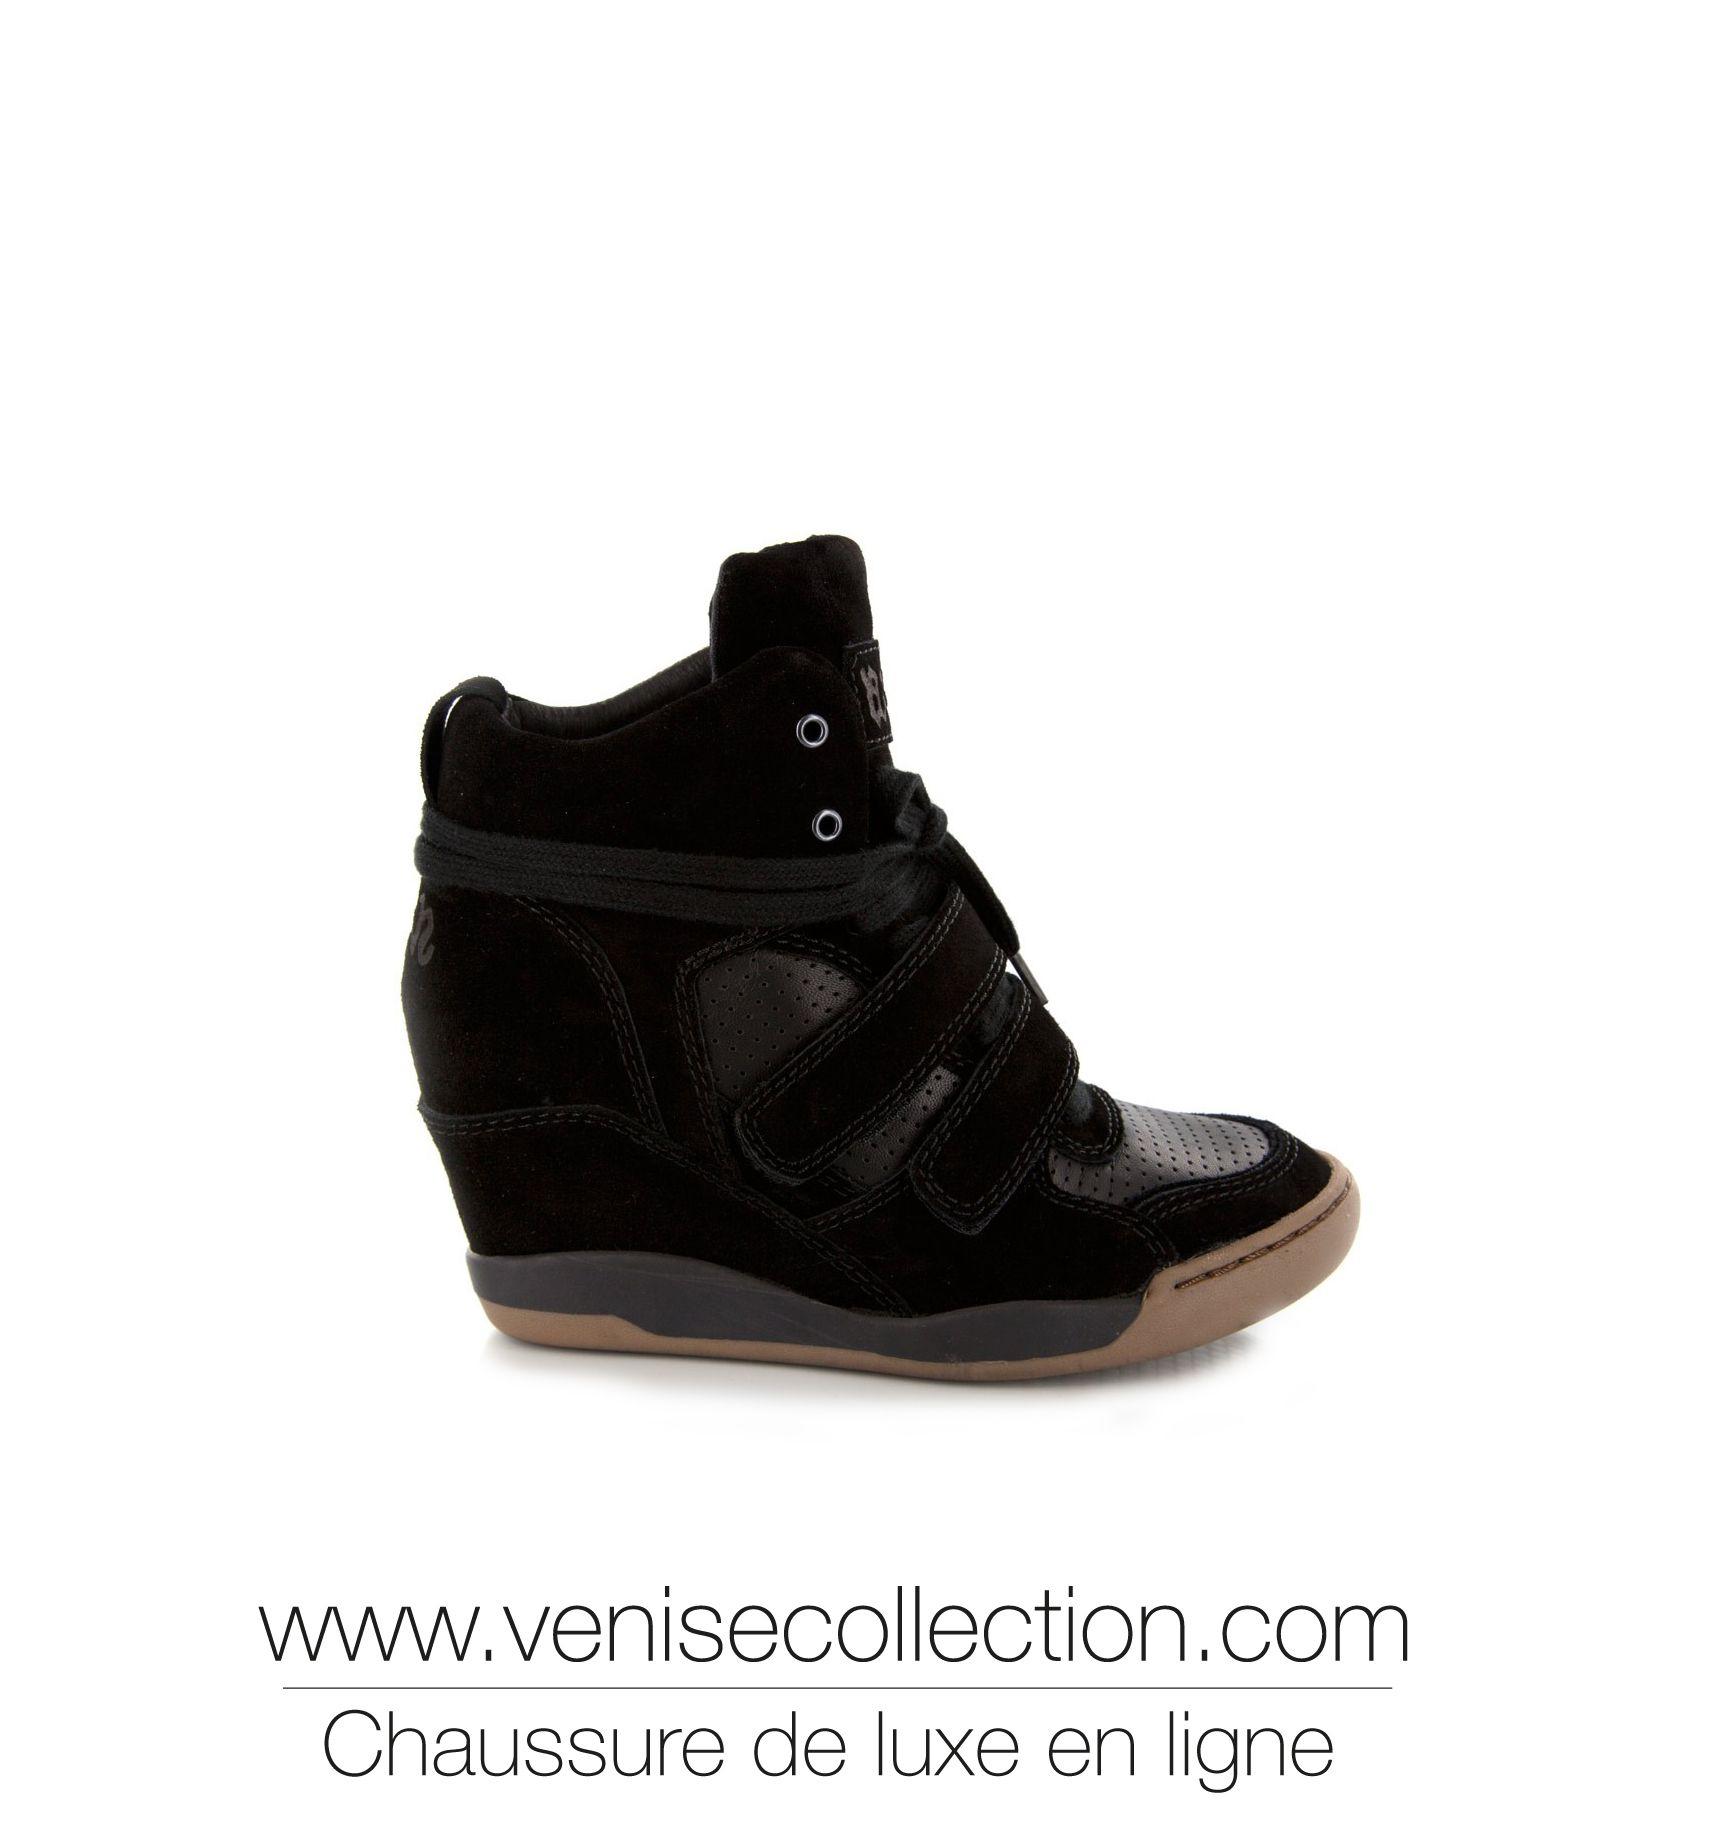 8ab010945e8bf4 Femme Luxe, Chaussures Femme, Baskets De Luxe, Basket Ete, Talons Compensés,